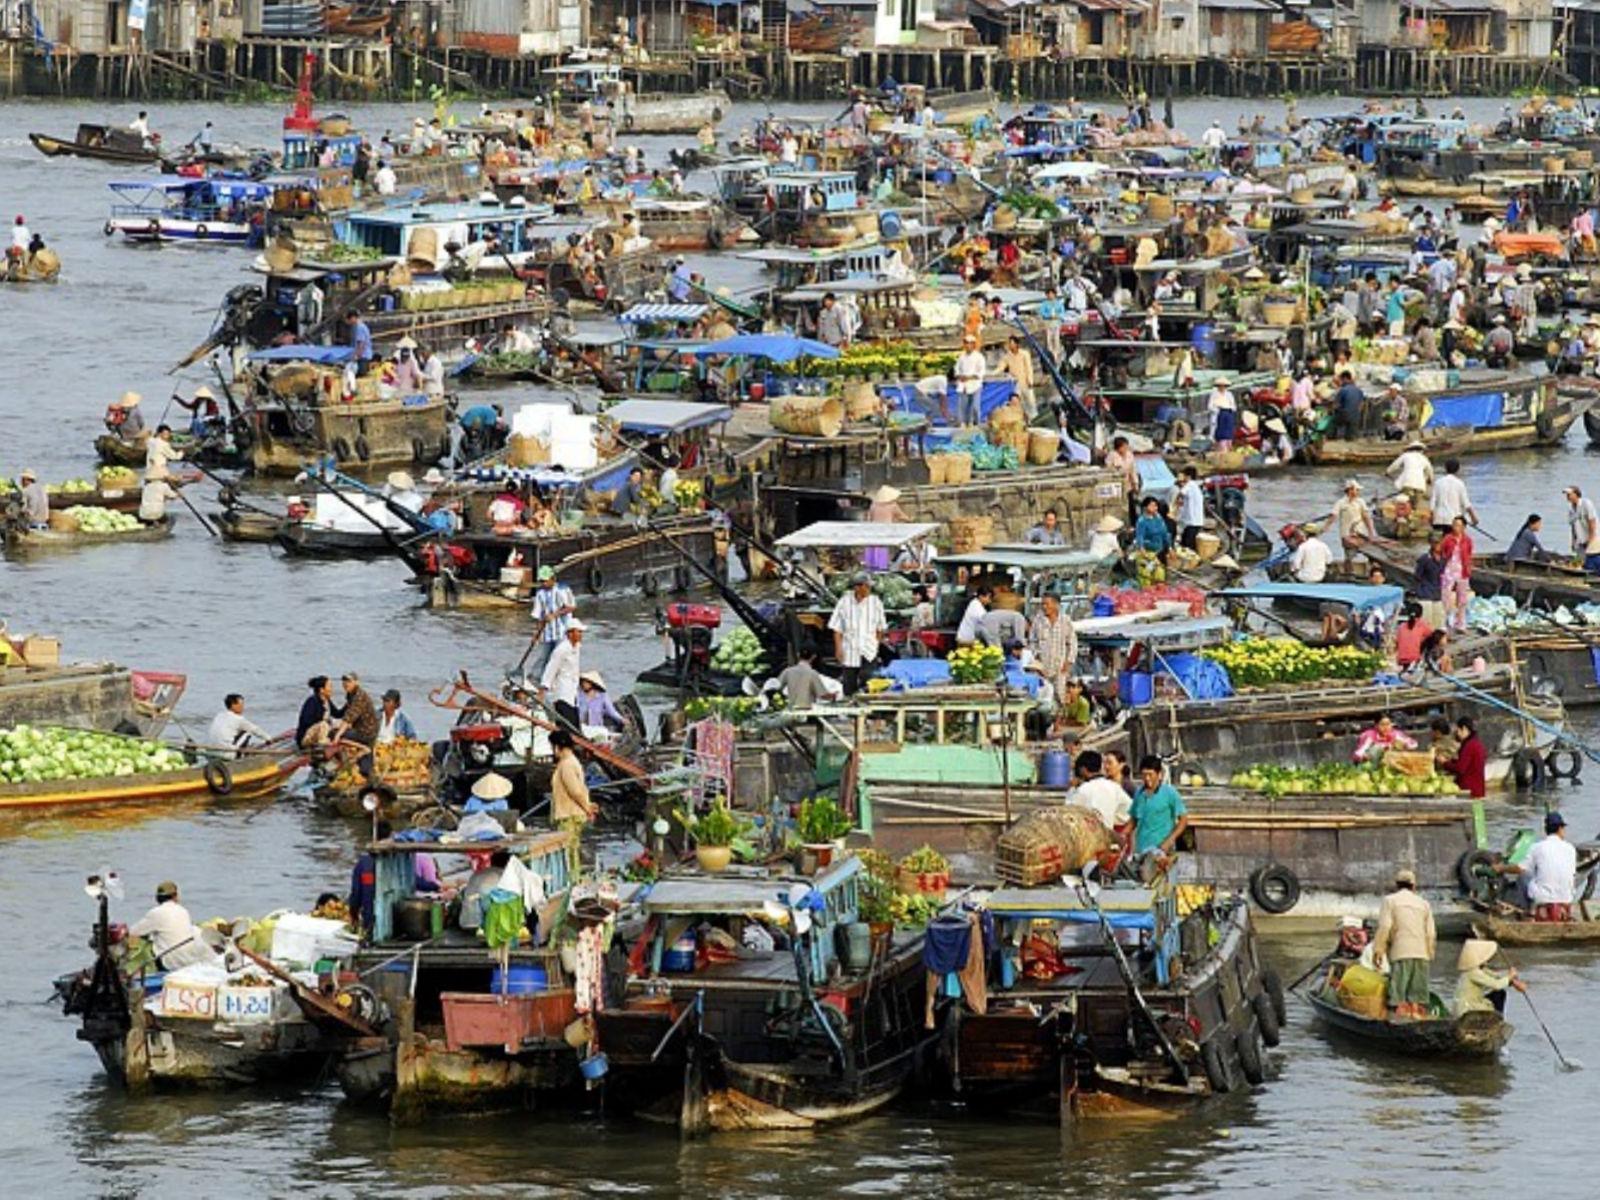 Mercado_flotante_Can_Tho